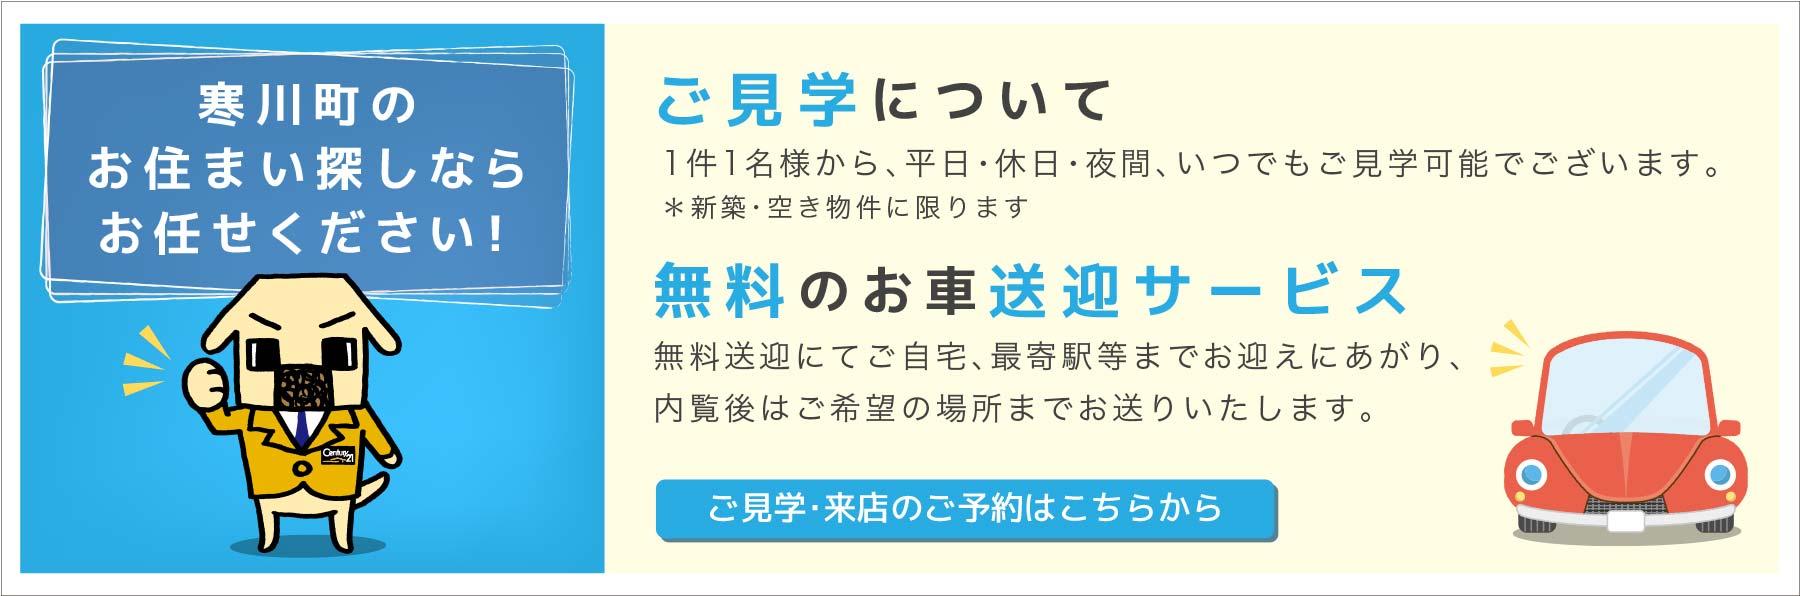 寒川町のお住まい探しならお任せください! 無料のお車送迎サービス行っております。